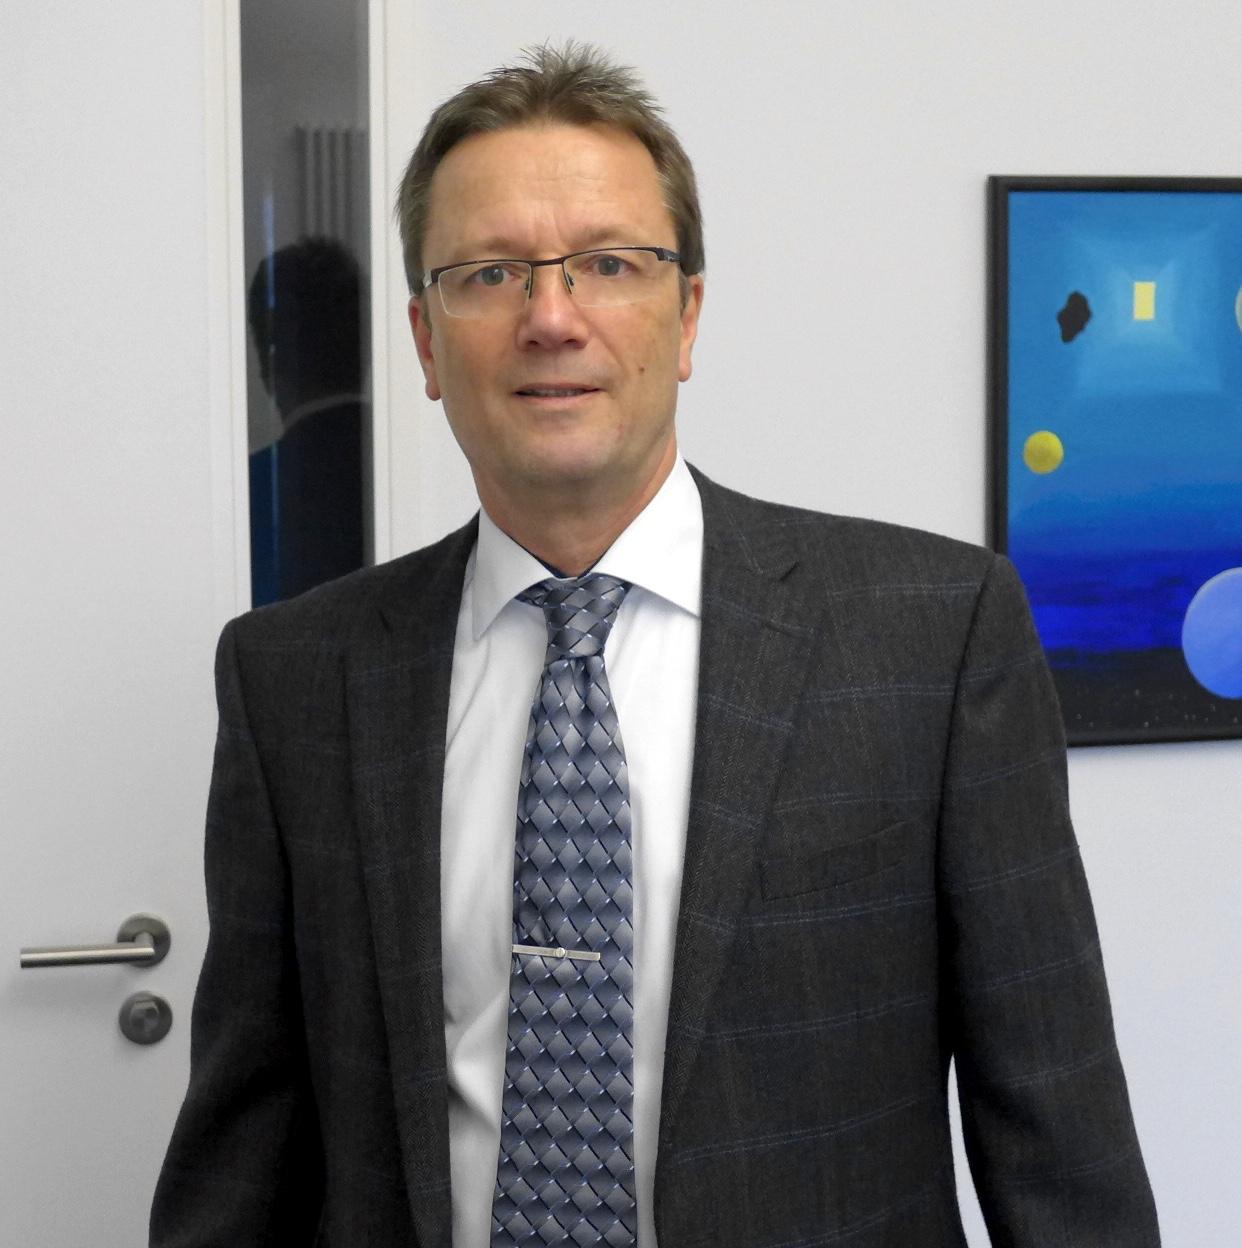 Director general Martin Paulus